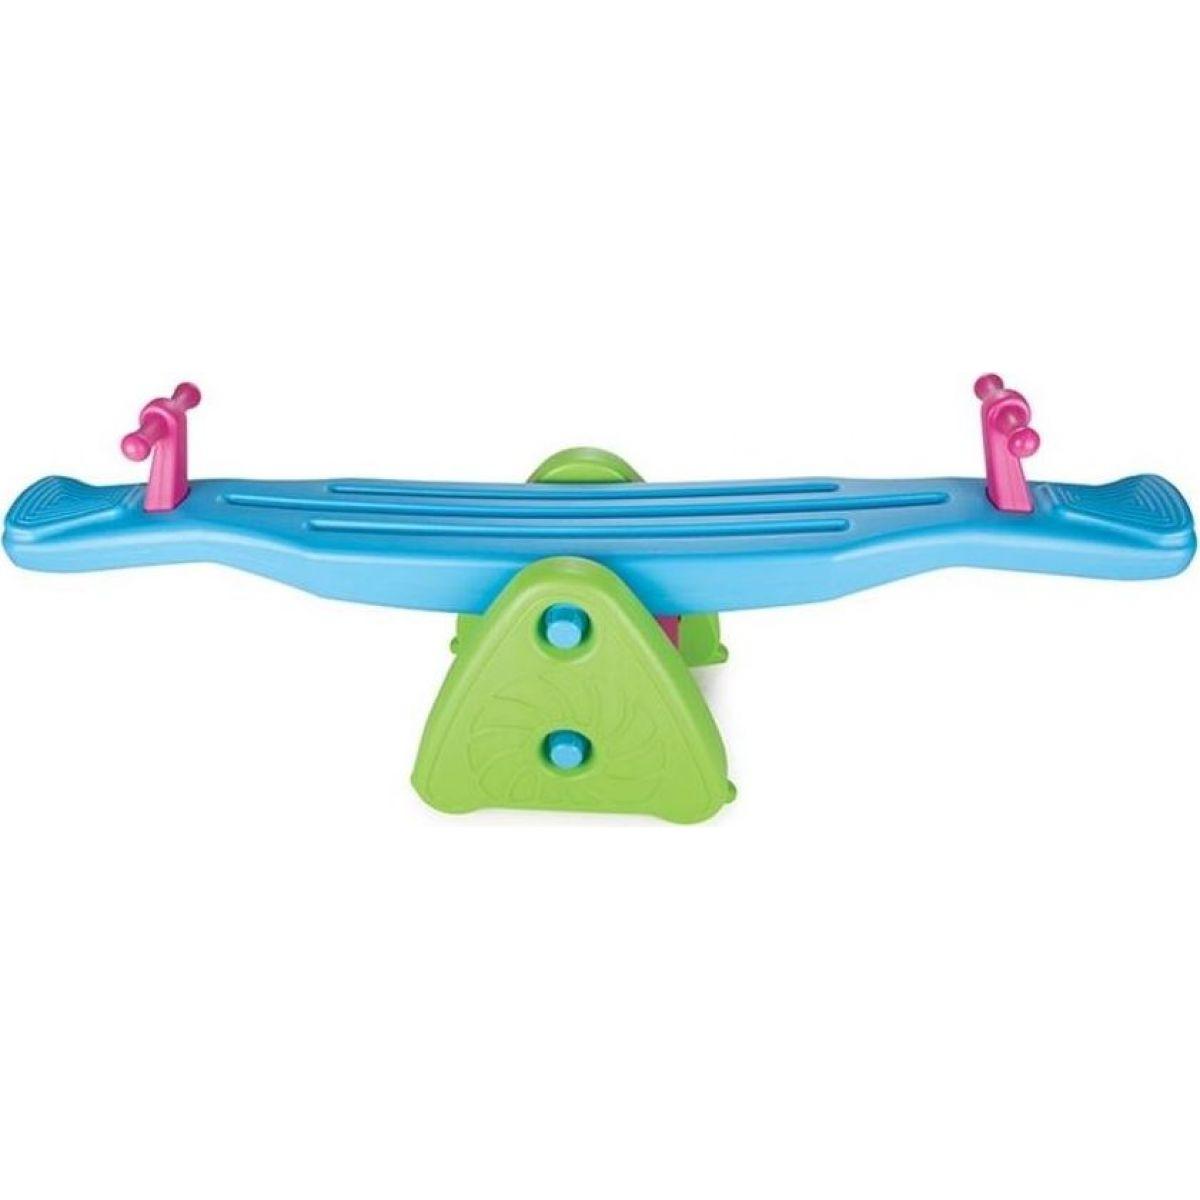 Pilsan Toys dětská houpačka Funny